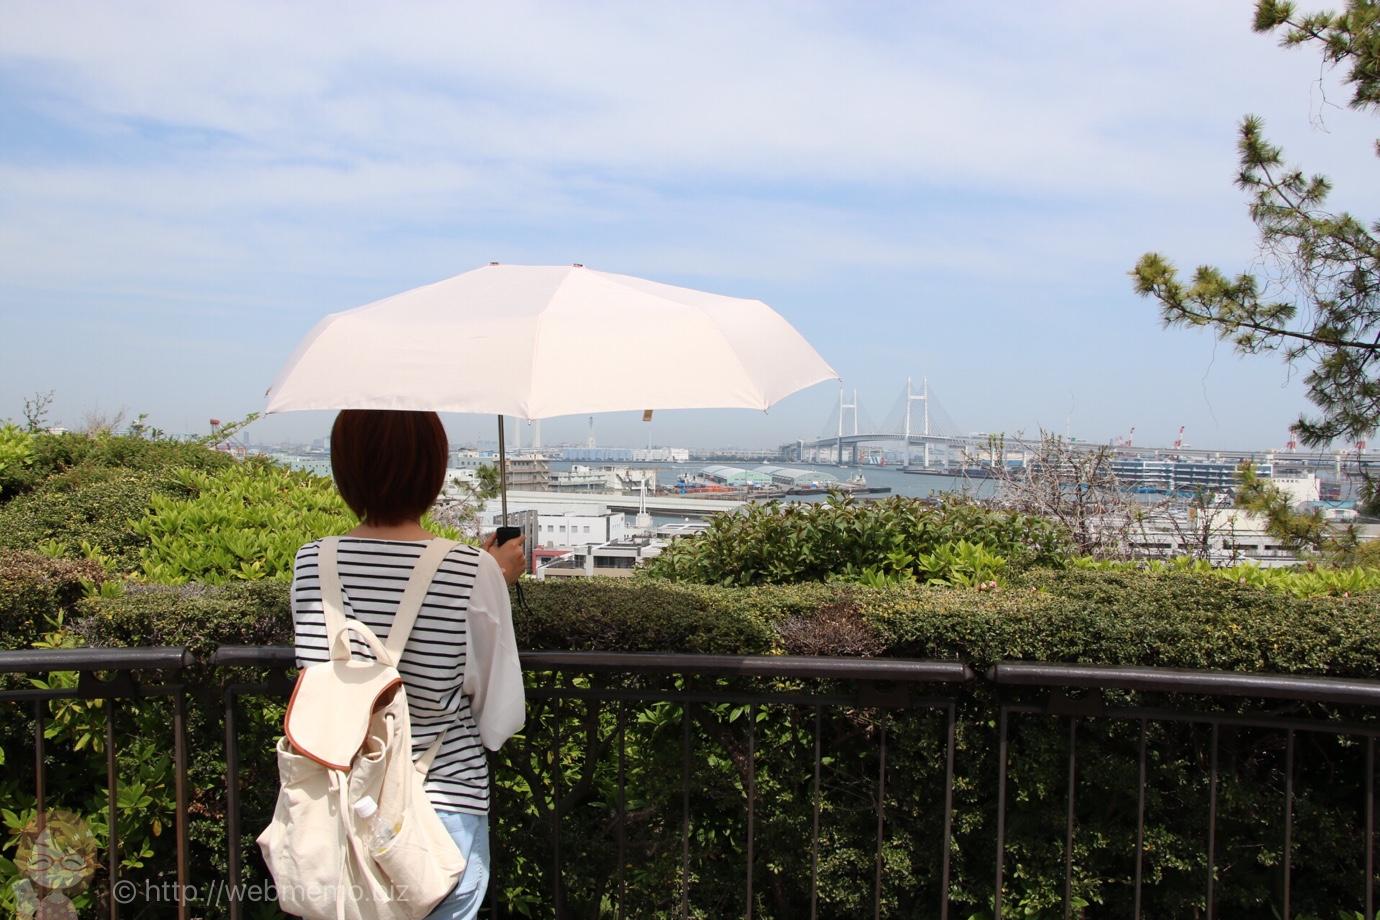 [Å] 荷物濡れを防ぐ!軸をずらした新発想な折りたたみ傘「Sharely」(雨晴兼用)